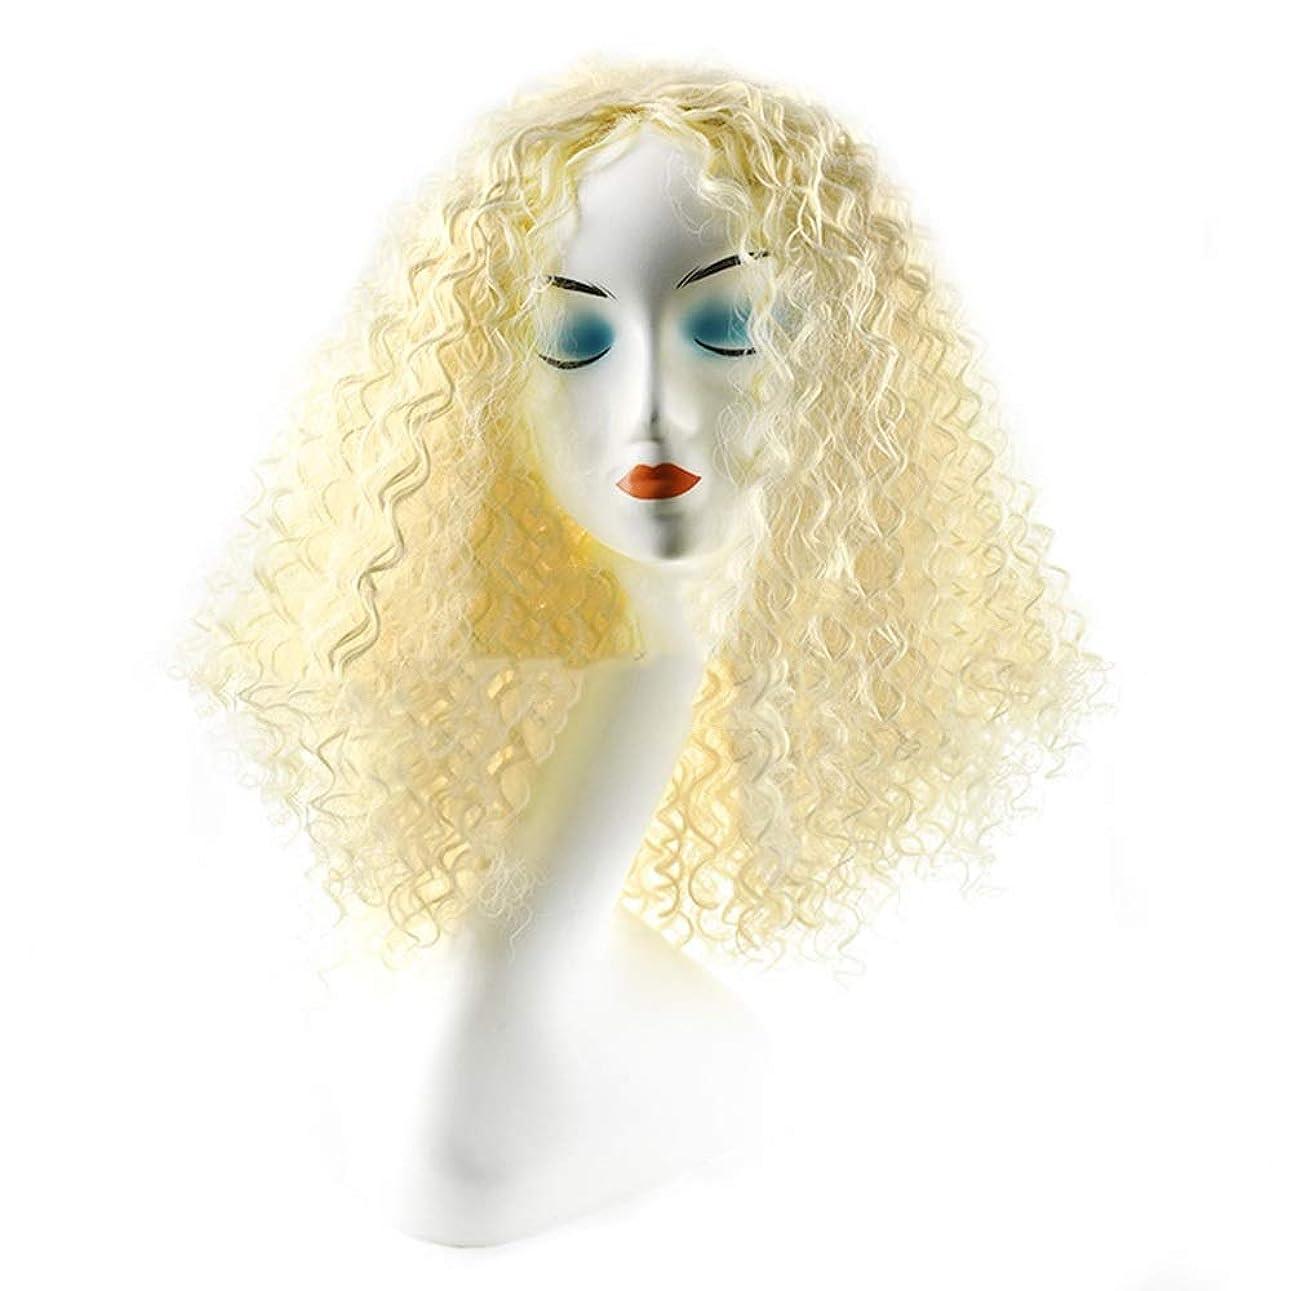 信頼傀儡ではごきげんようかつら ファッションレディーブロンドショートカーリーヘアーアフリカ小音量爆発ヘッドかつら女性のための毎日のコスプレドレスパーティーかつら (色 : Blonde)